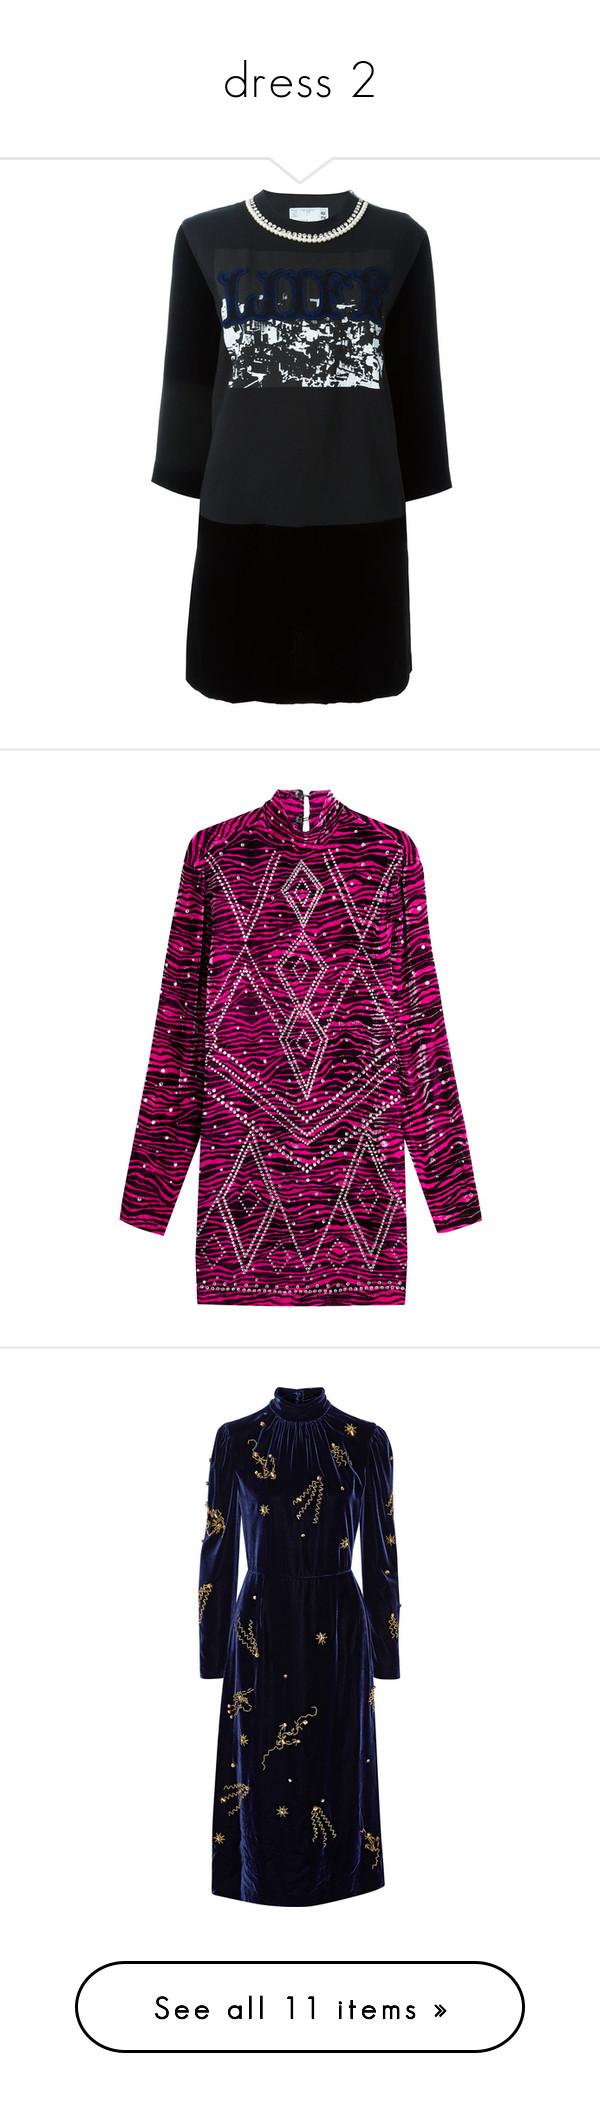 dress 2\